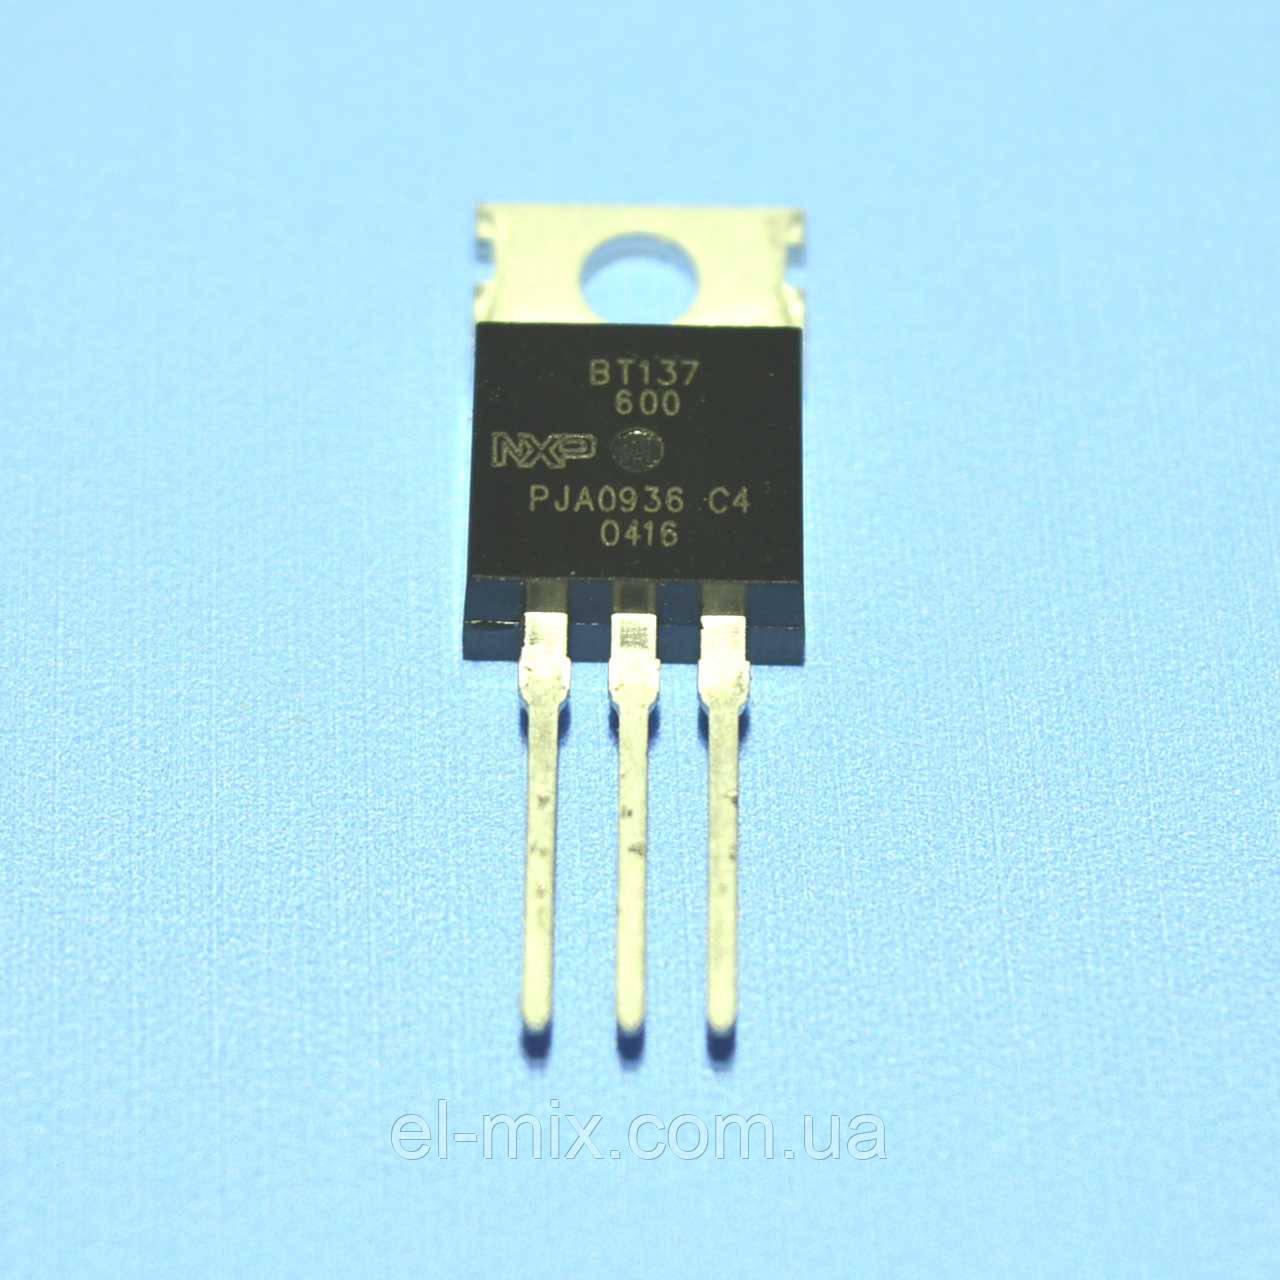 Симистор BT137-600  TO-220  NXP